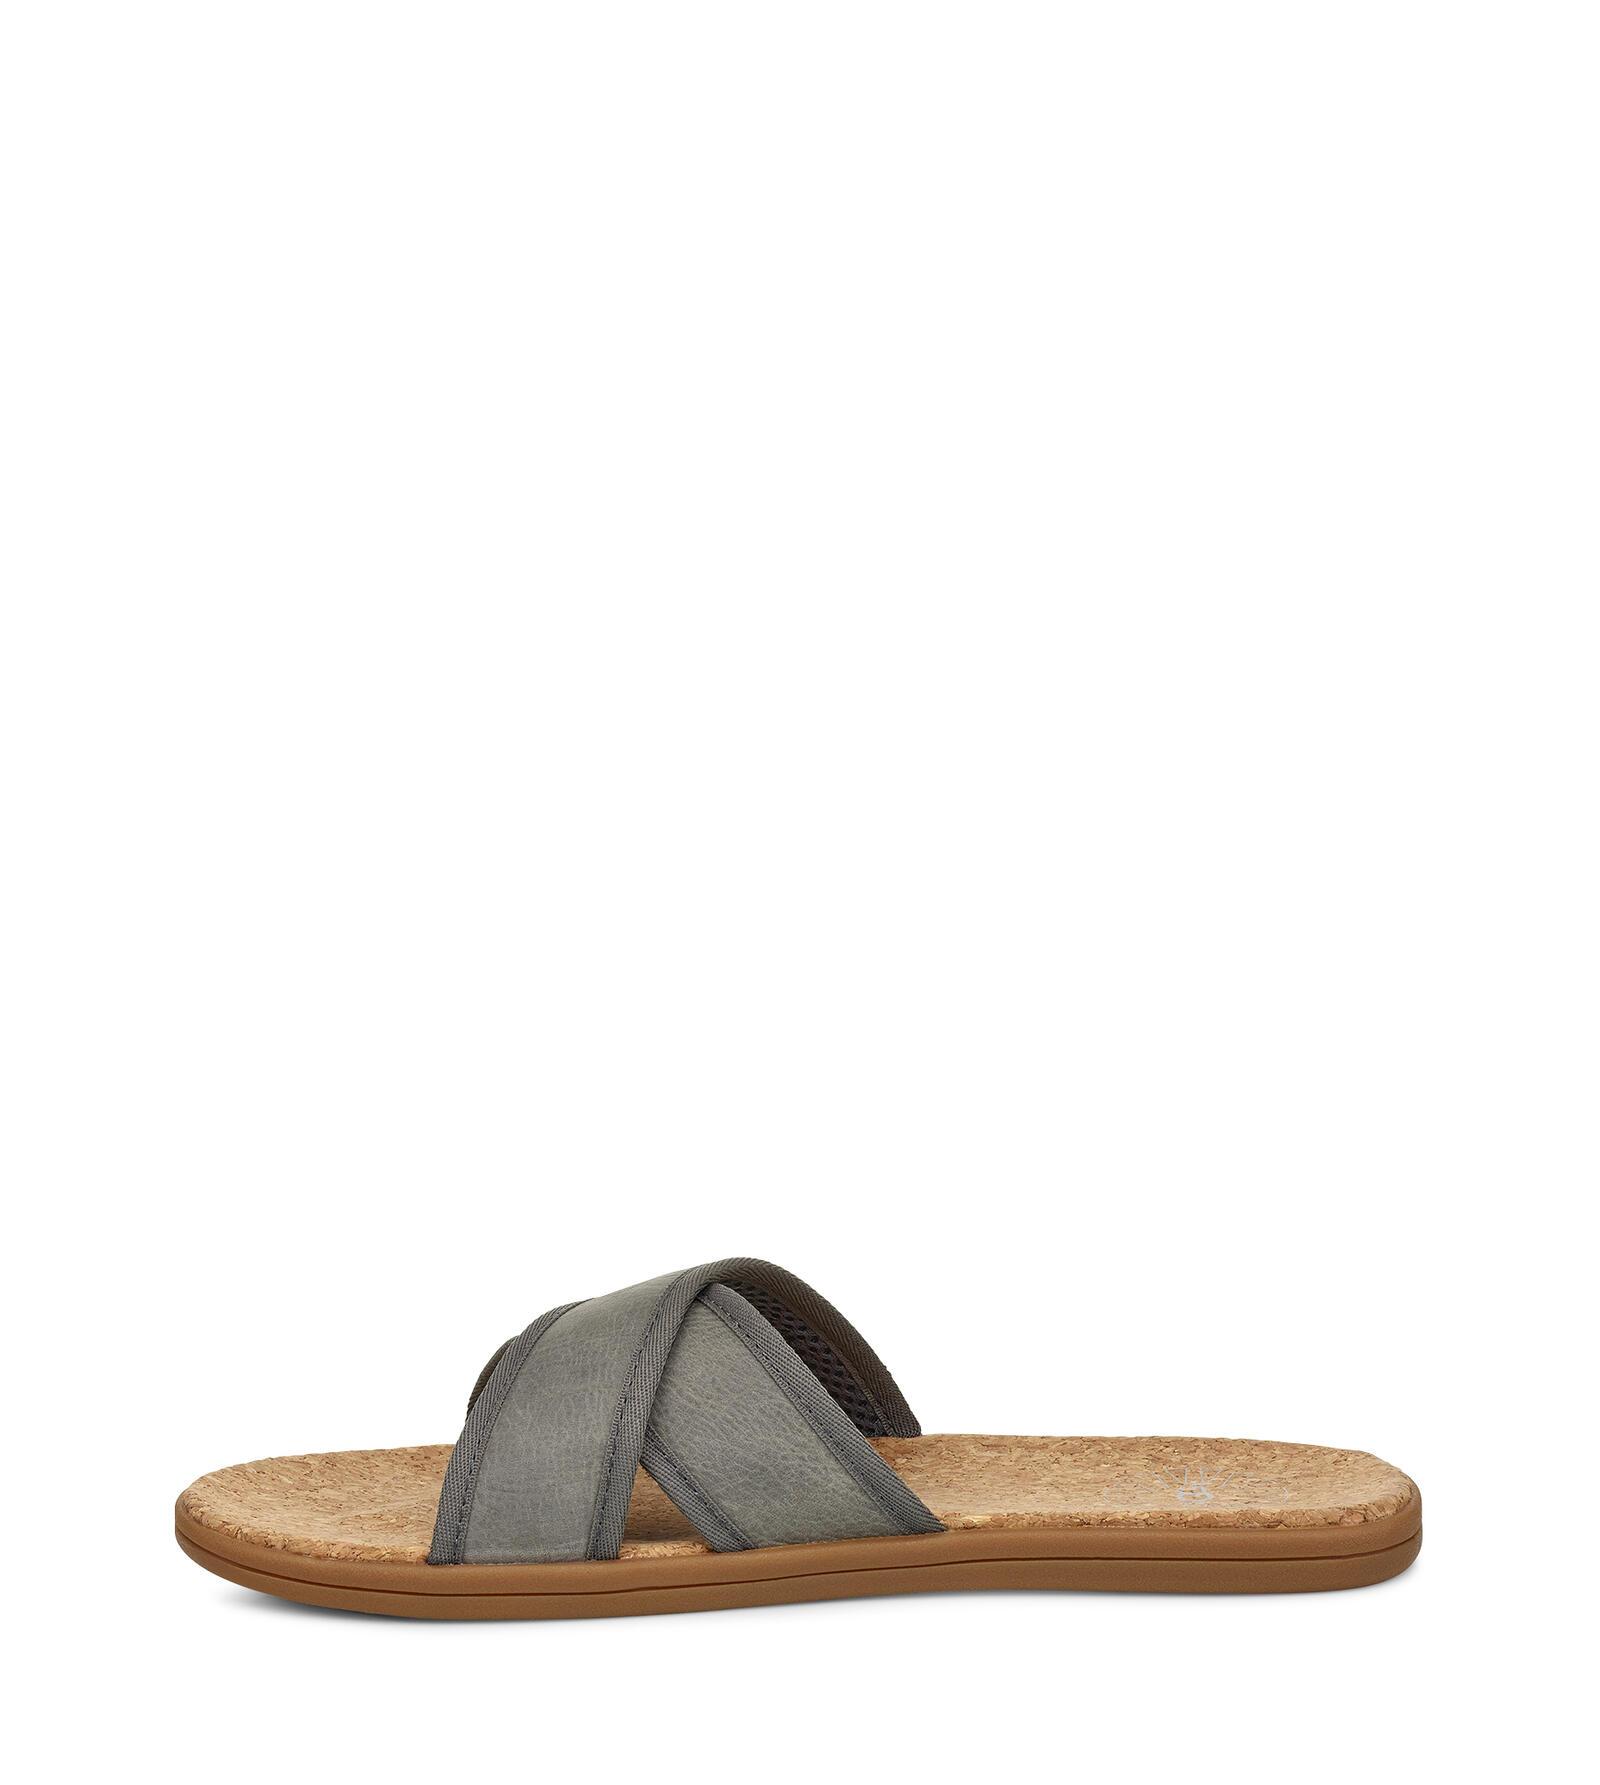 Seaside Slide Sandales